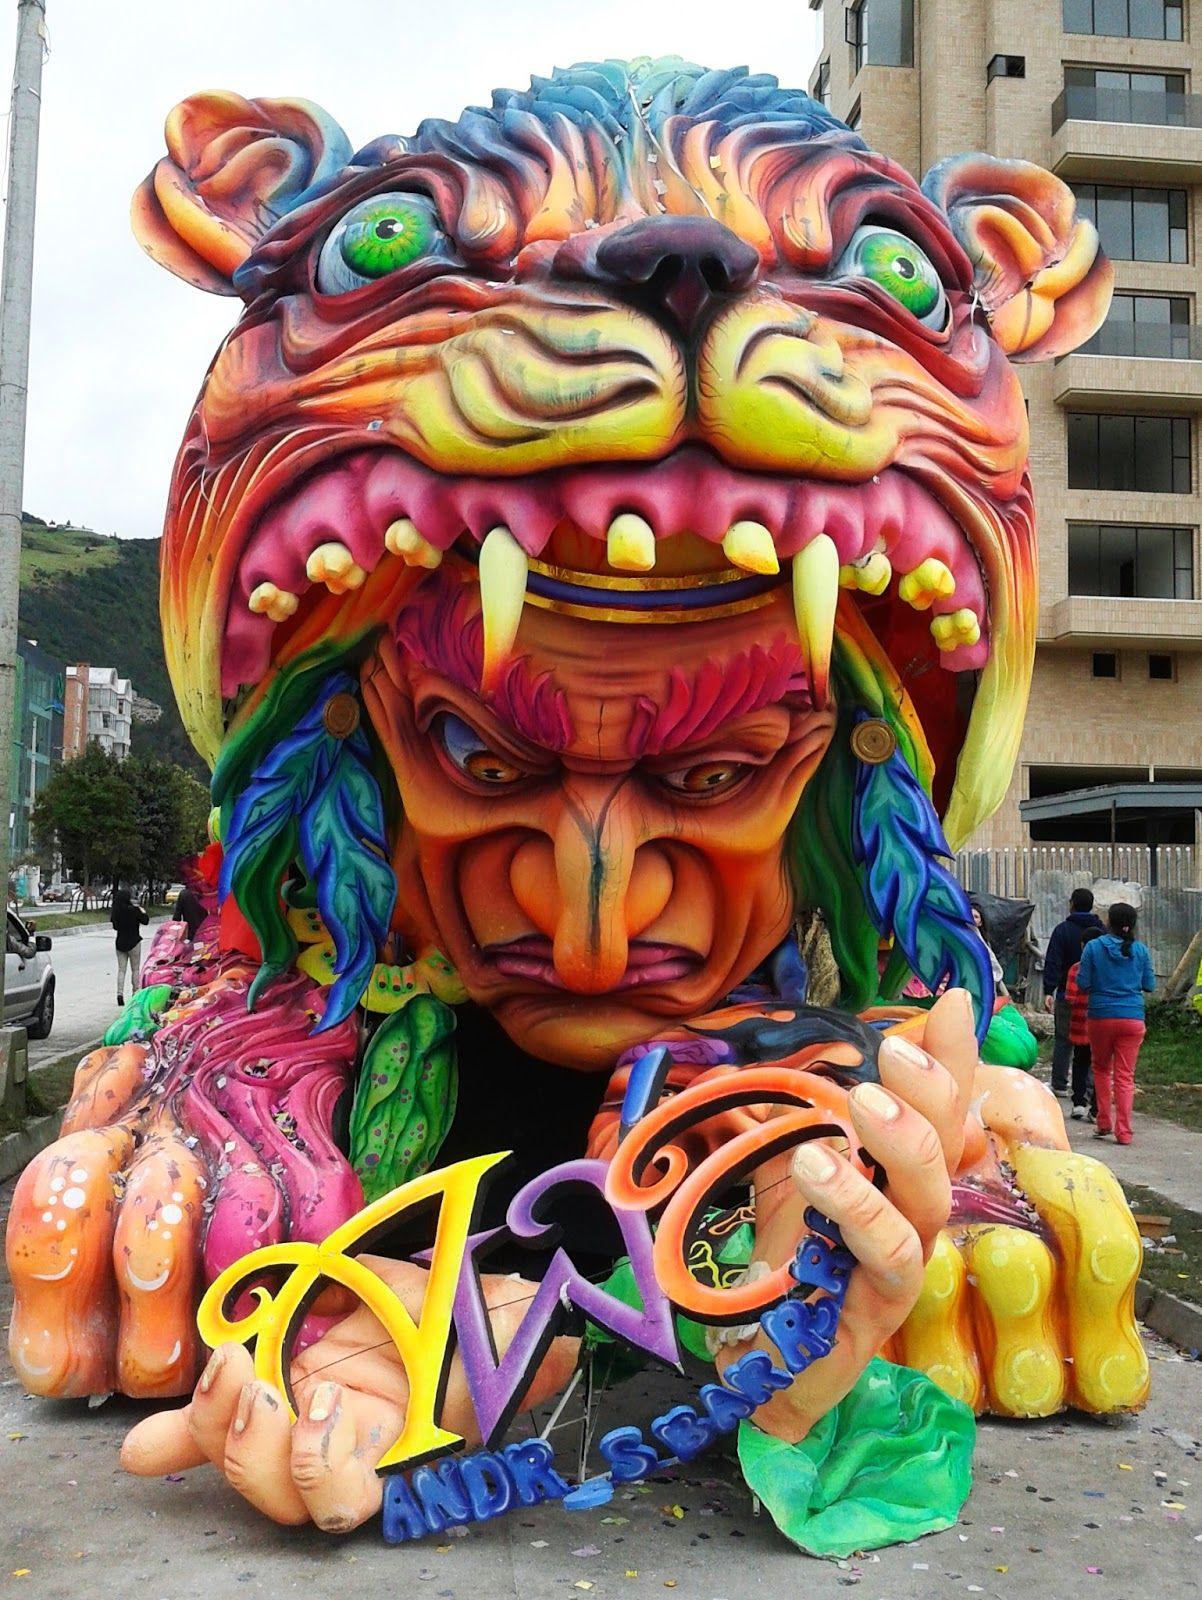 La Estacion Grafica Carrozas Ganadoras Carnaval De Negros Y Blancos 2014 Carrozas De Carnaval Carnaval Trajes Para Carnaval